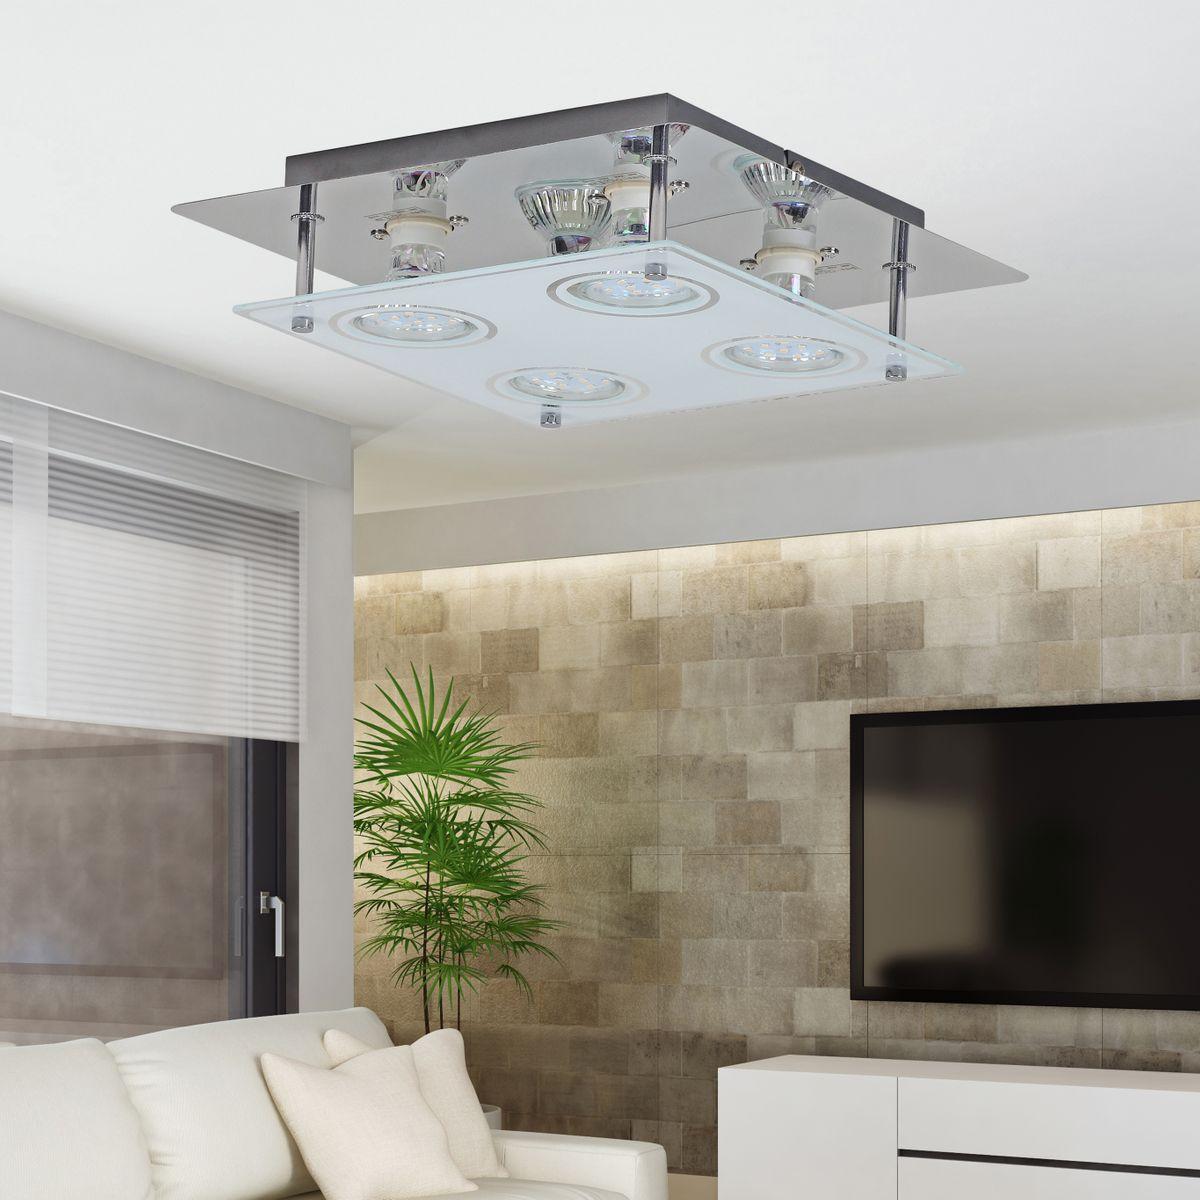 finebuy 4 flammige led deckenlampe gu10 quadratisch inkl 4x 3 watt leuchtmittel deckenleuchte. Black Bedroom Furniture Sets. Home Design Ideas